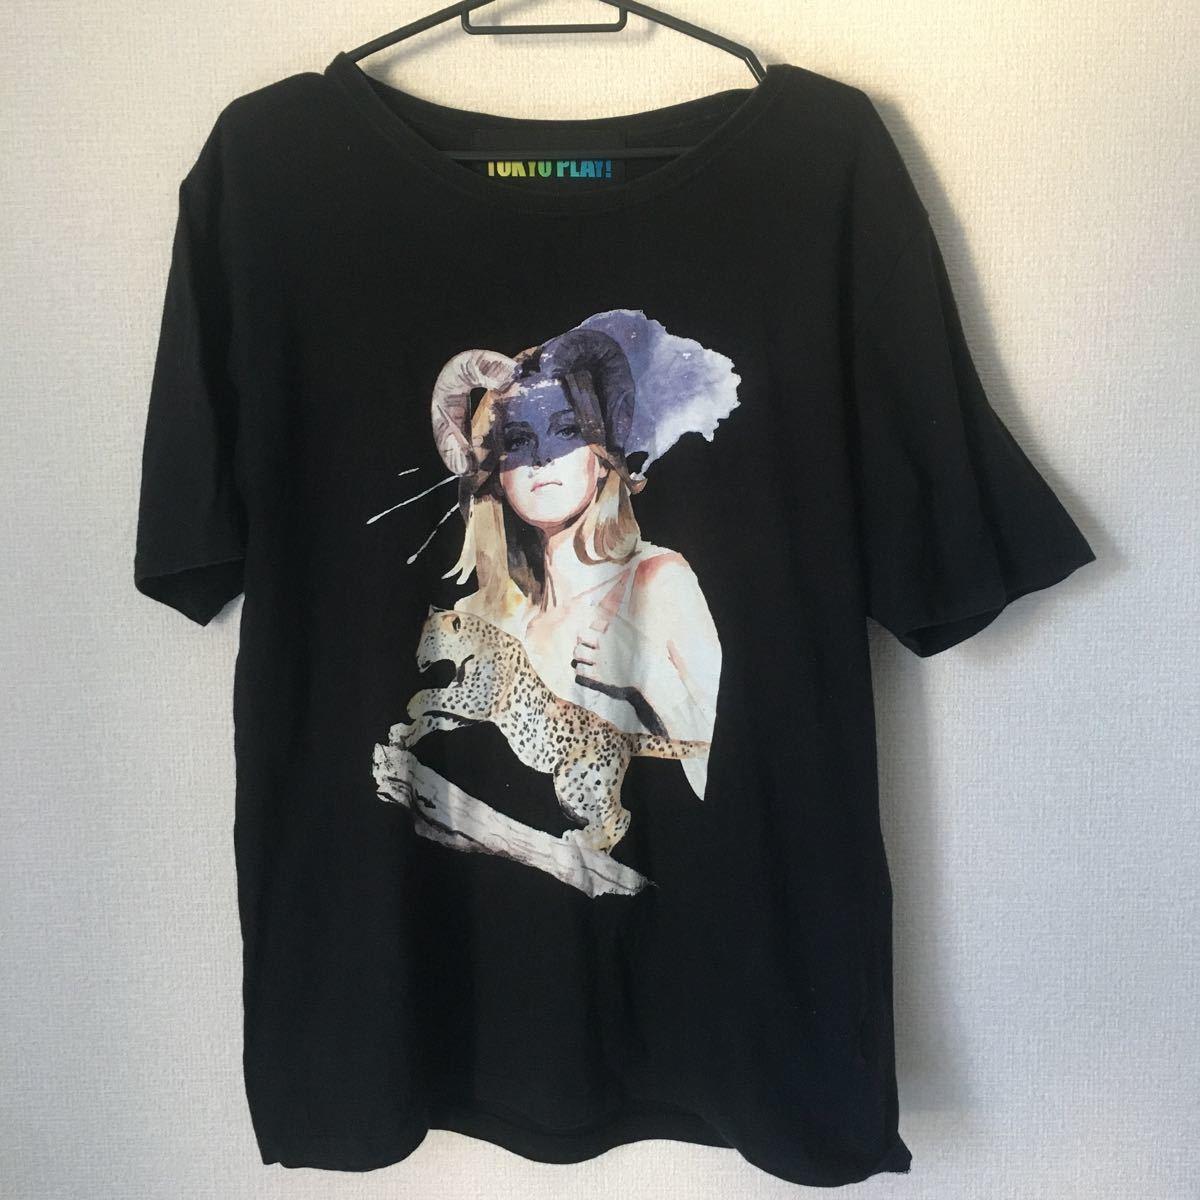 半袖Tシャツ プリントTシャツ 黒 TOKYO PLAY